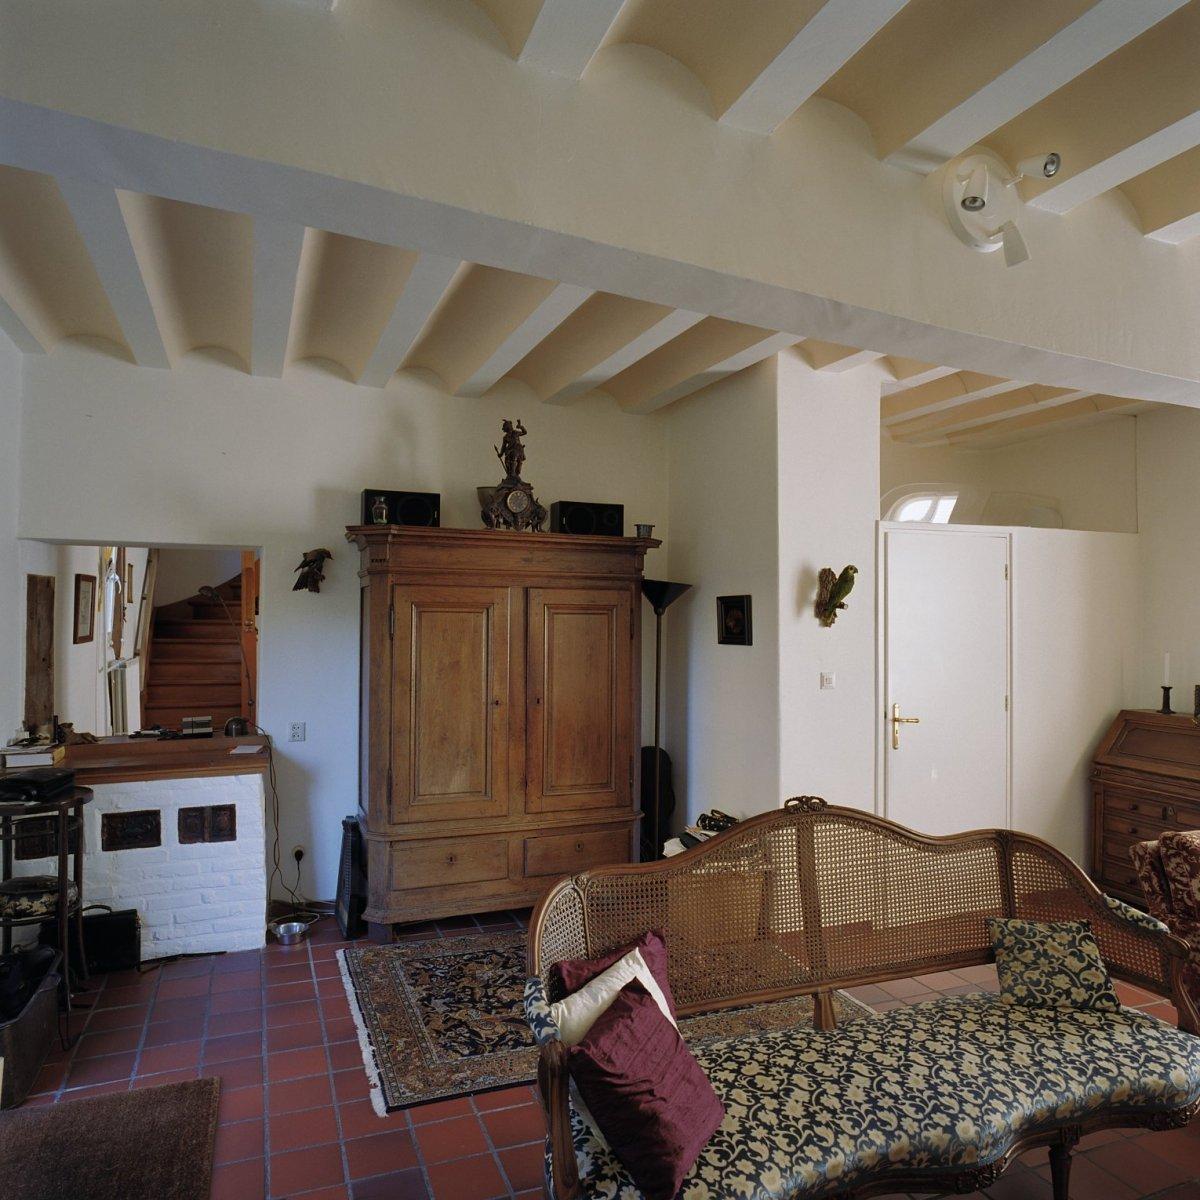 FileInterieur overzicht woonkamer met balken plafond